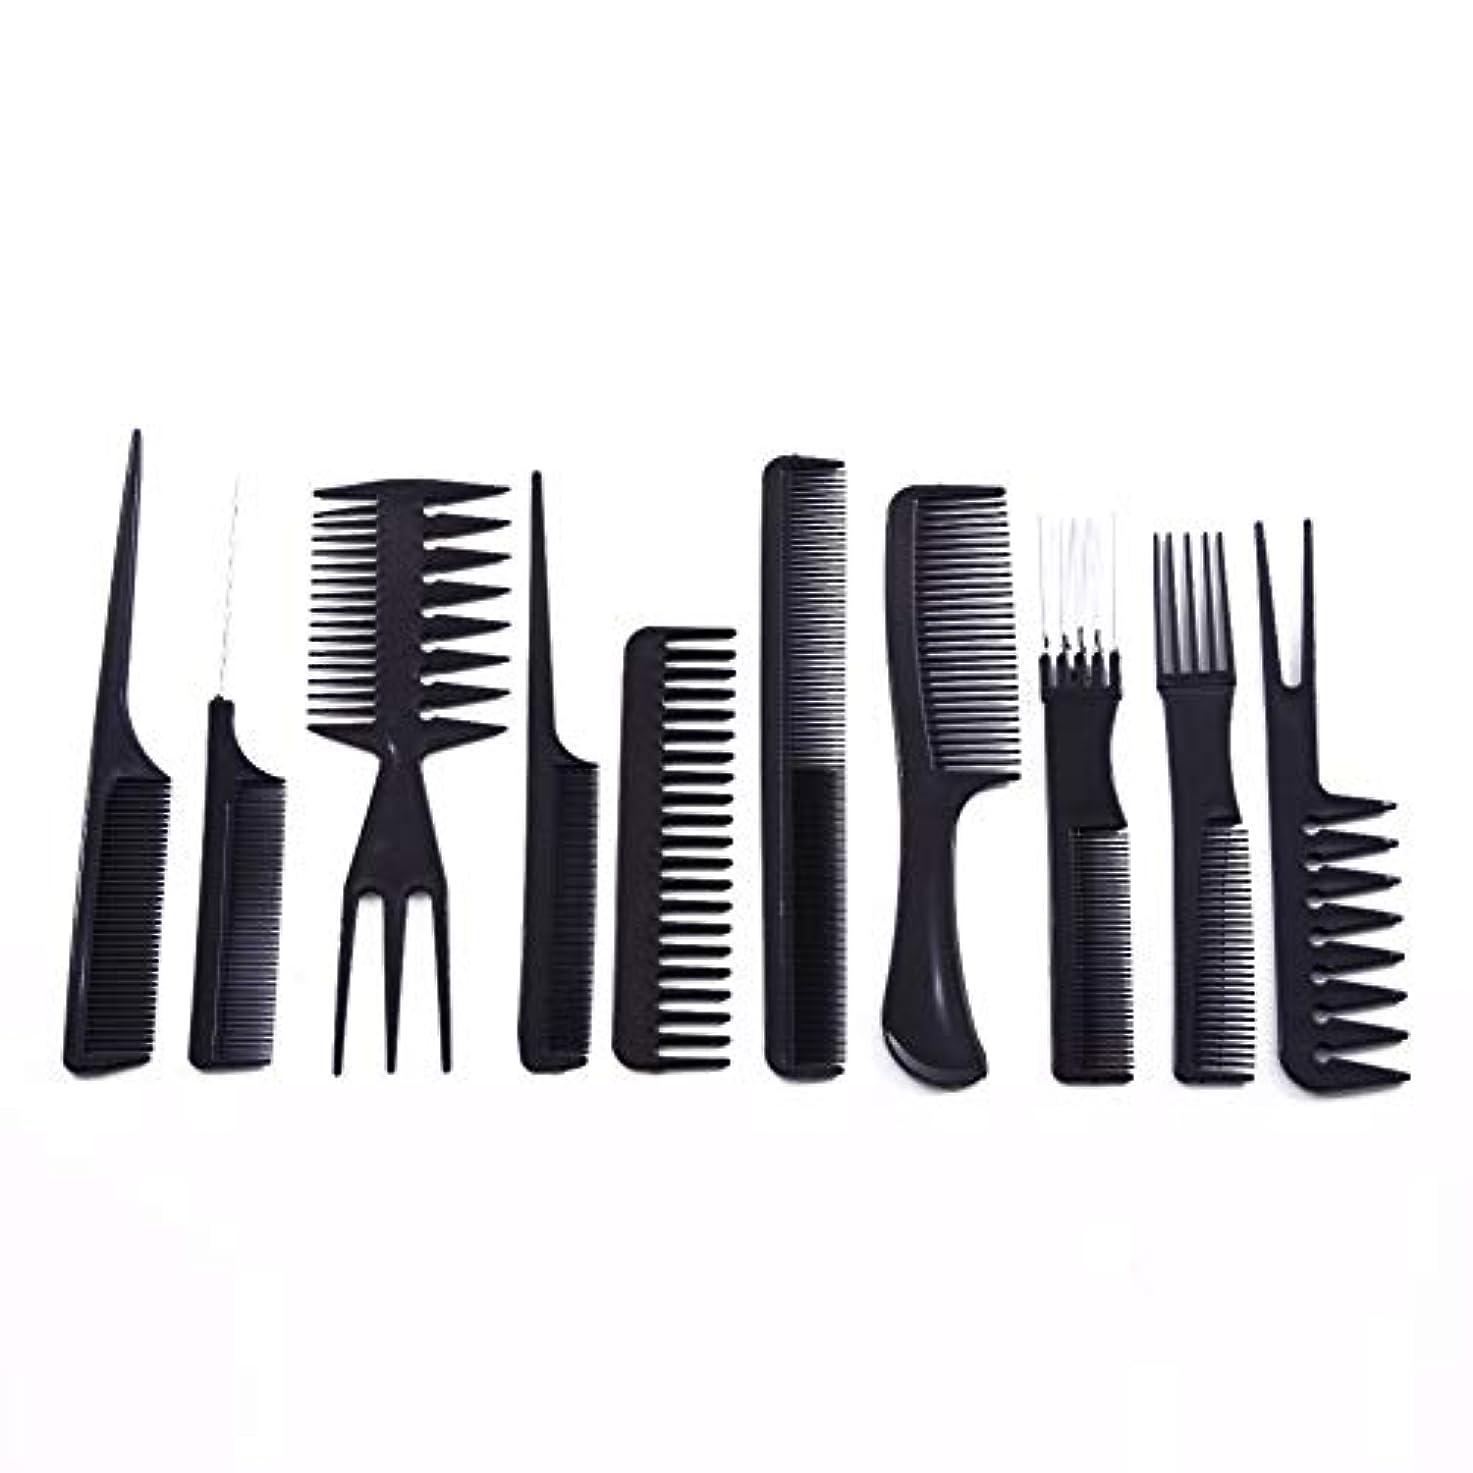 マサッチョアラート意味10ピース/セットプロのヘアブラシ櫛サロン理容帯電防止ヘアコームヘアケアスタイリングツール用すべての髪タイプ